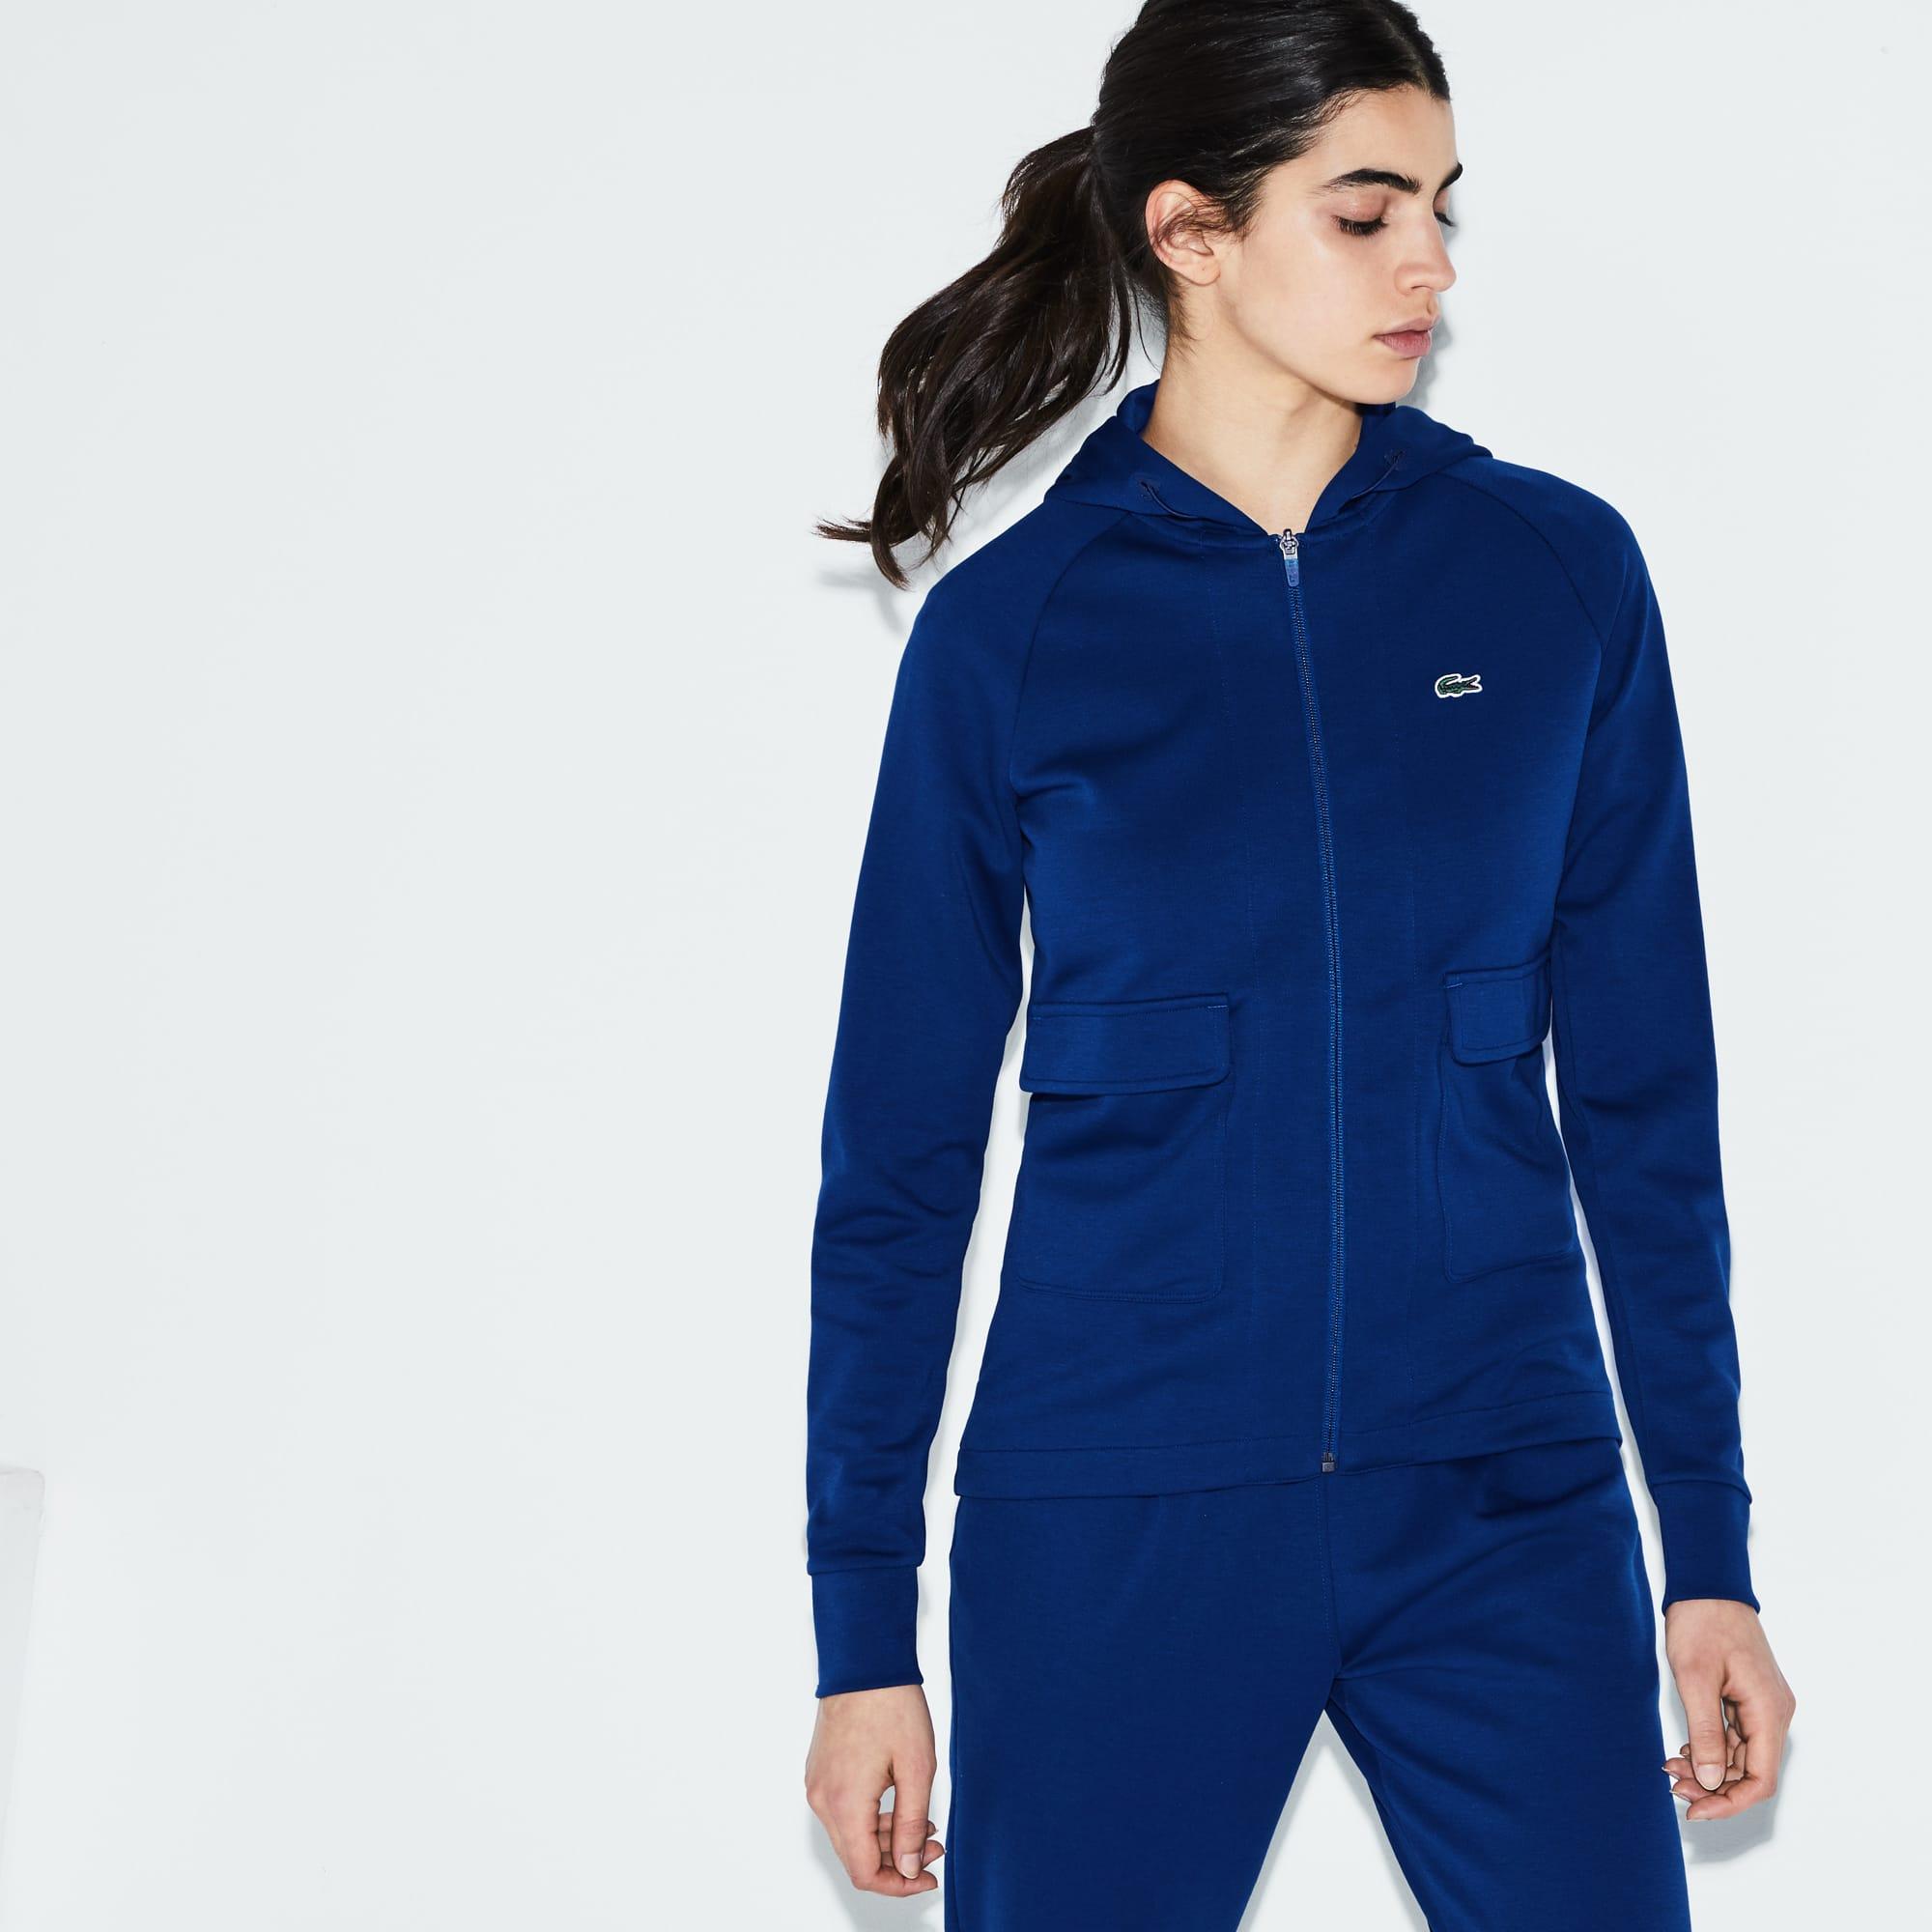 Lacoste SPORT Tennis-sweatshirt dames katoen met capuchon en ritssluiting